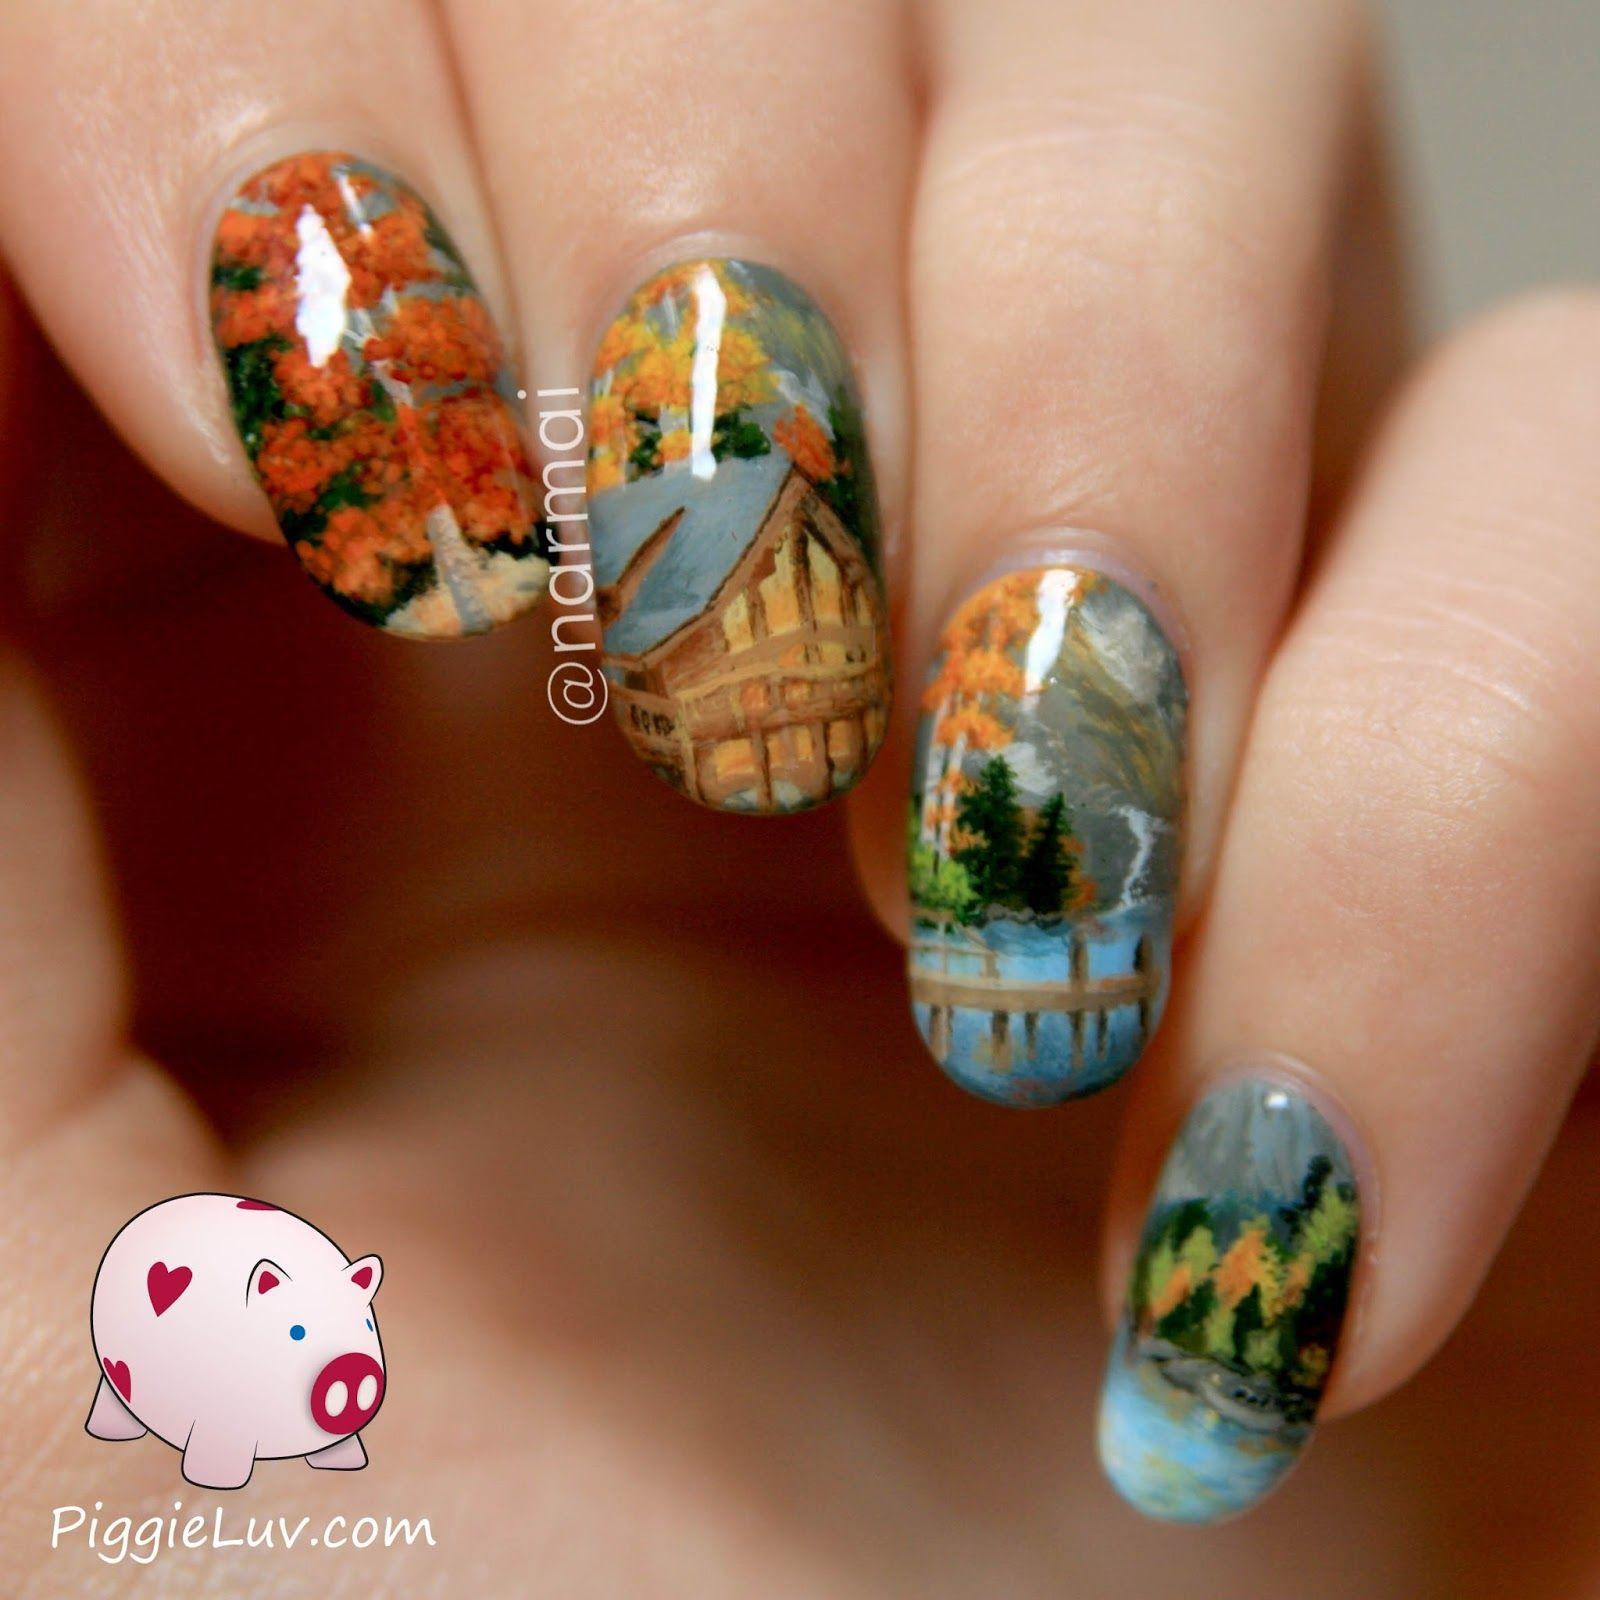 Nail art inspired by Chuck Pinson | Manicure, Beauty nails and Nail nail